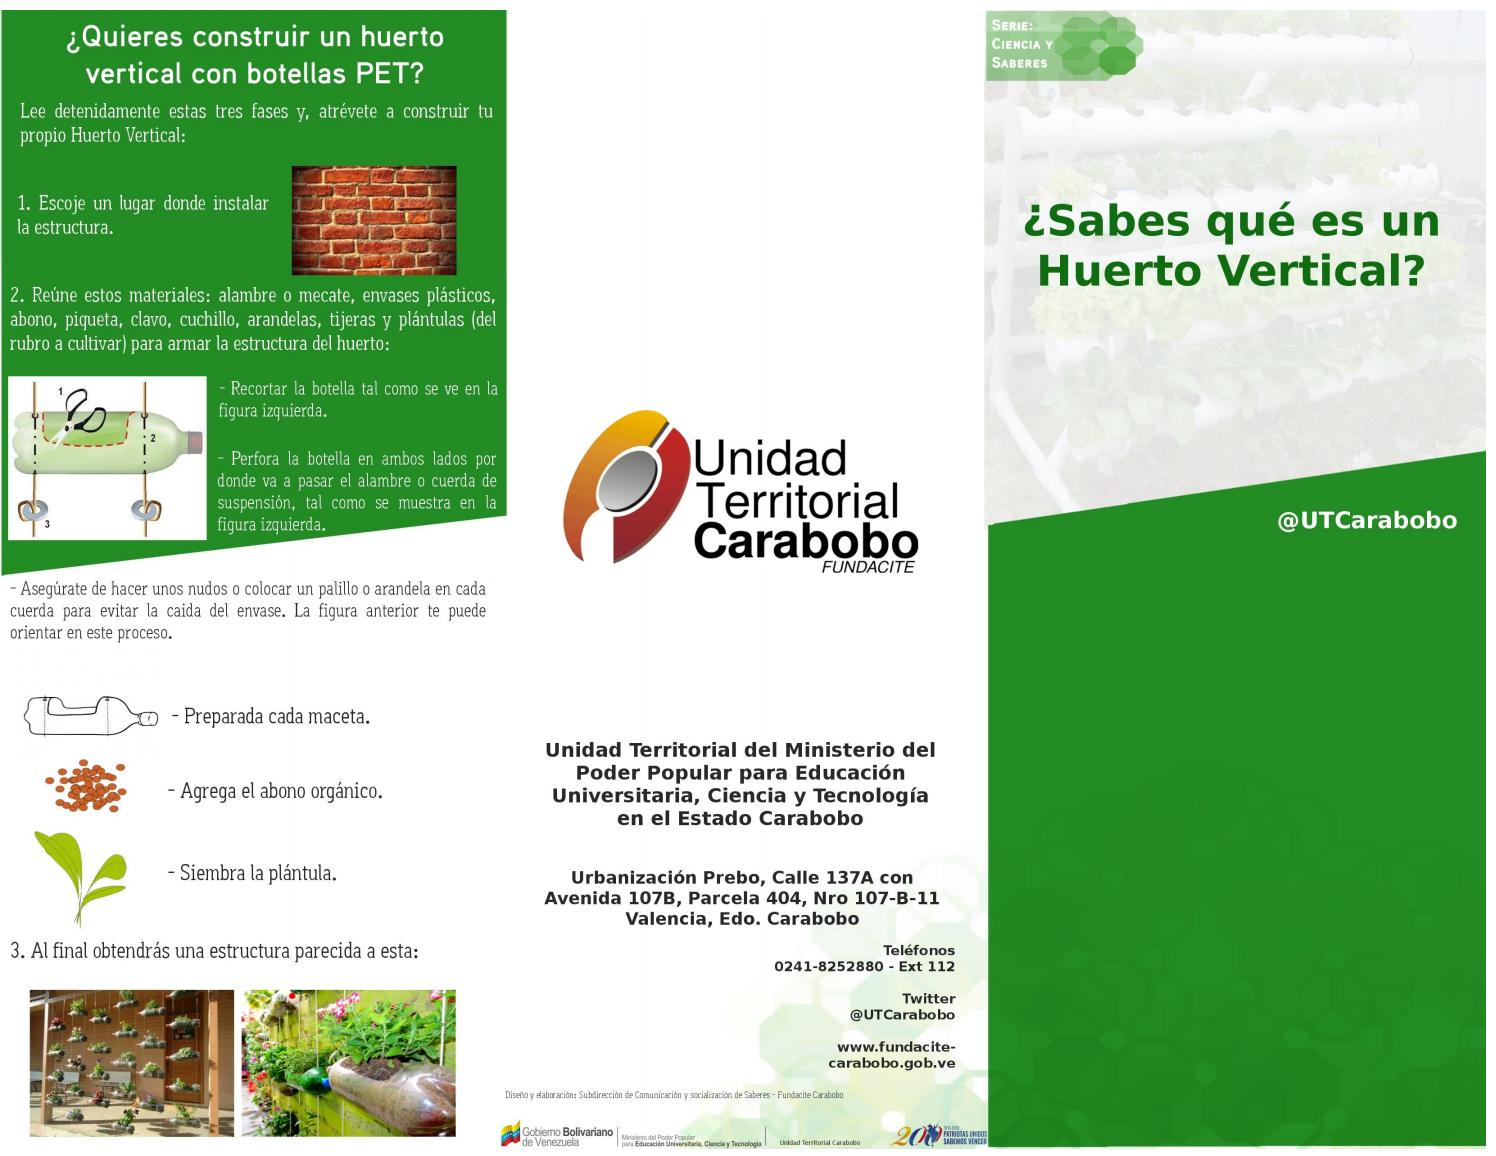 Tr ptico huerto vertical a o 2016 by fundacite carabobo for Como se realiza un huerto vertical